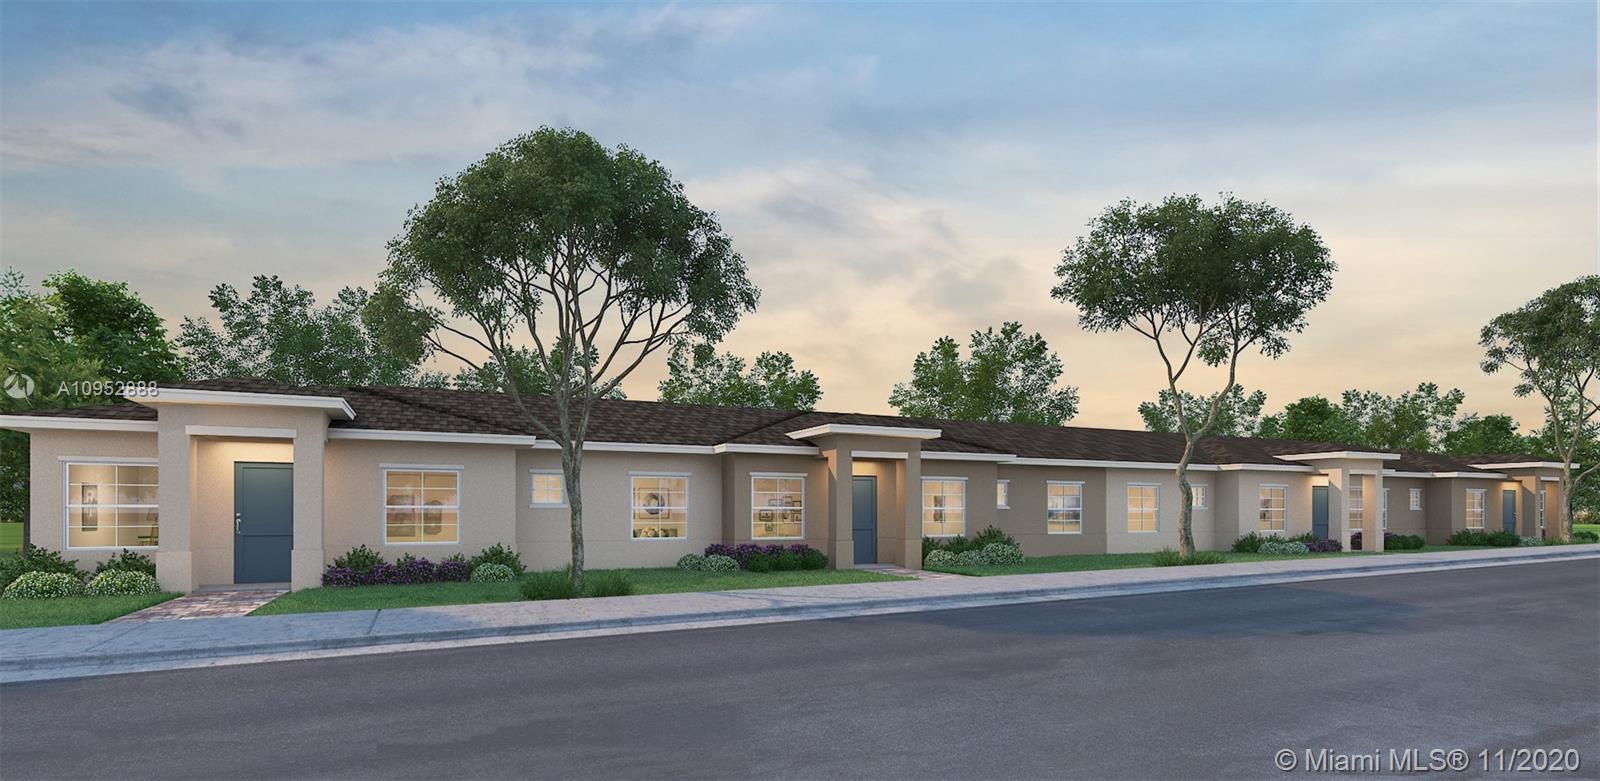 484 Ne 4th Ave Property Photo